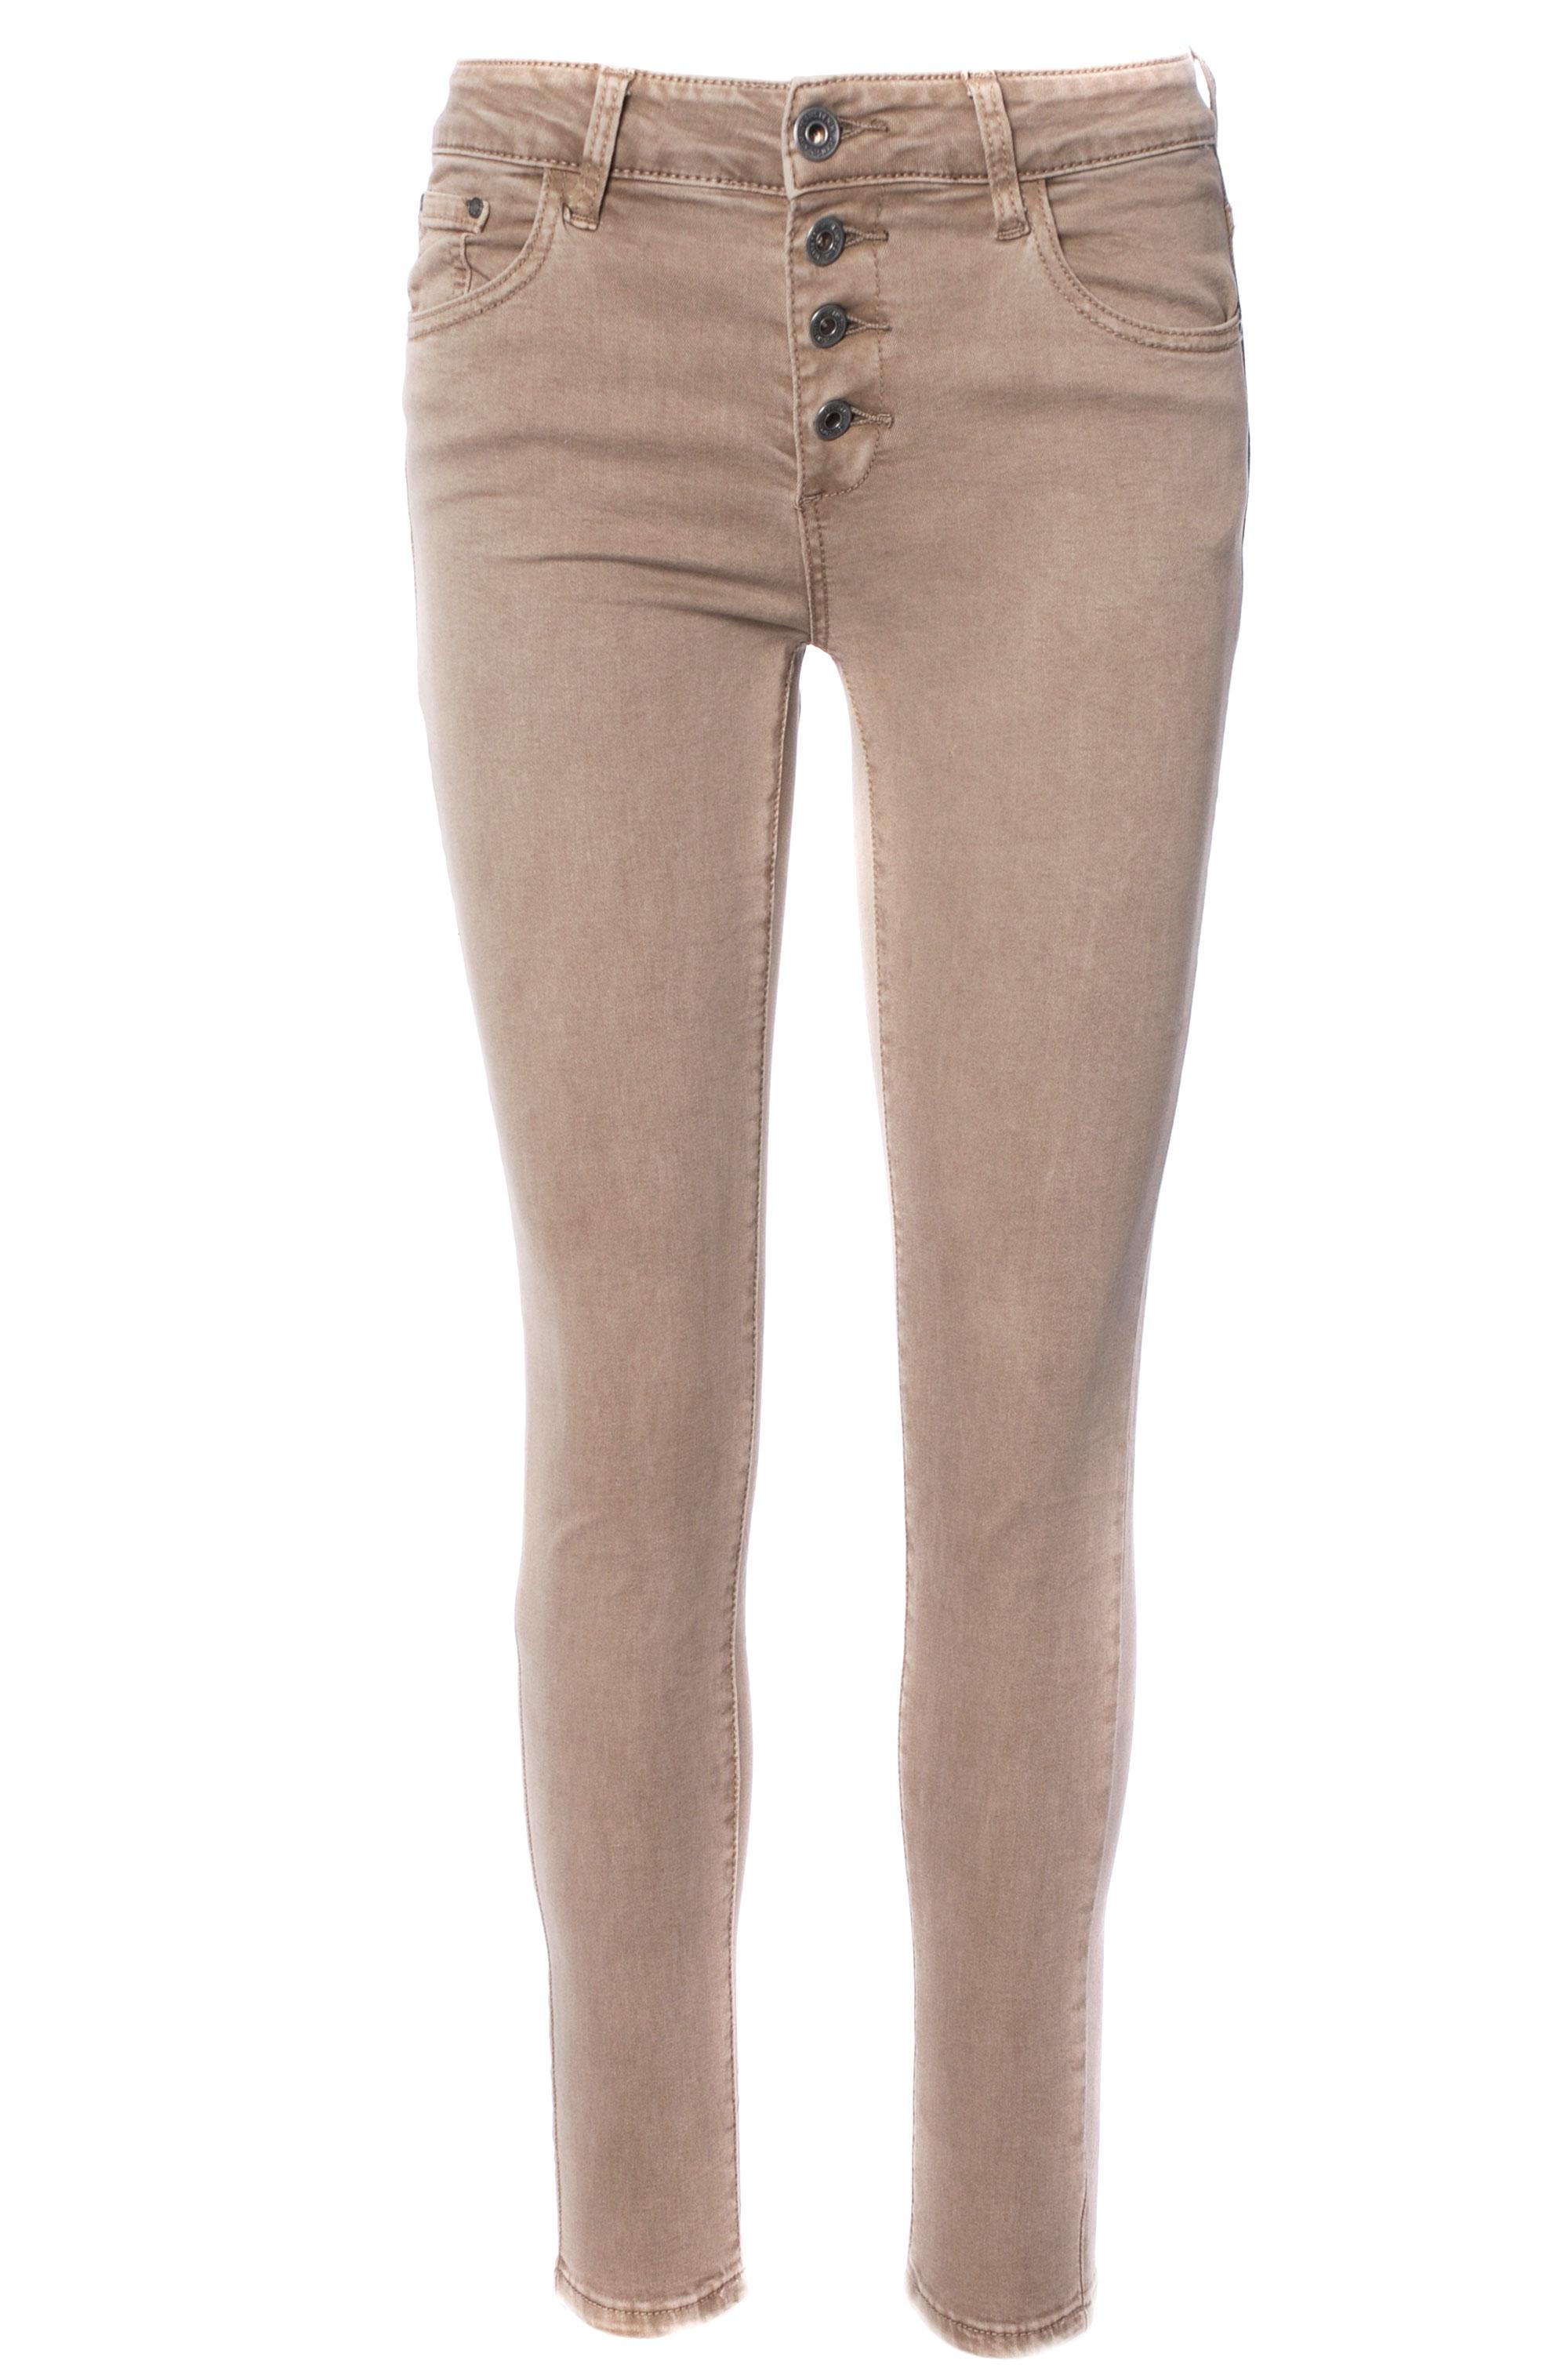 Spodnie - 42-6110 BEIGE - Unisono